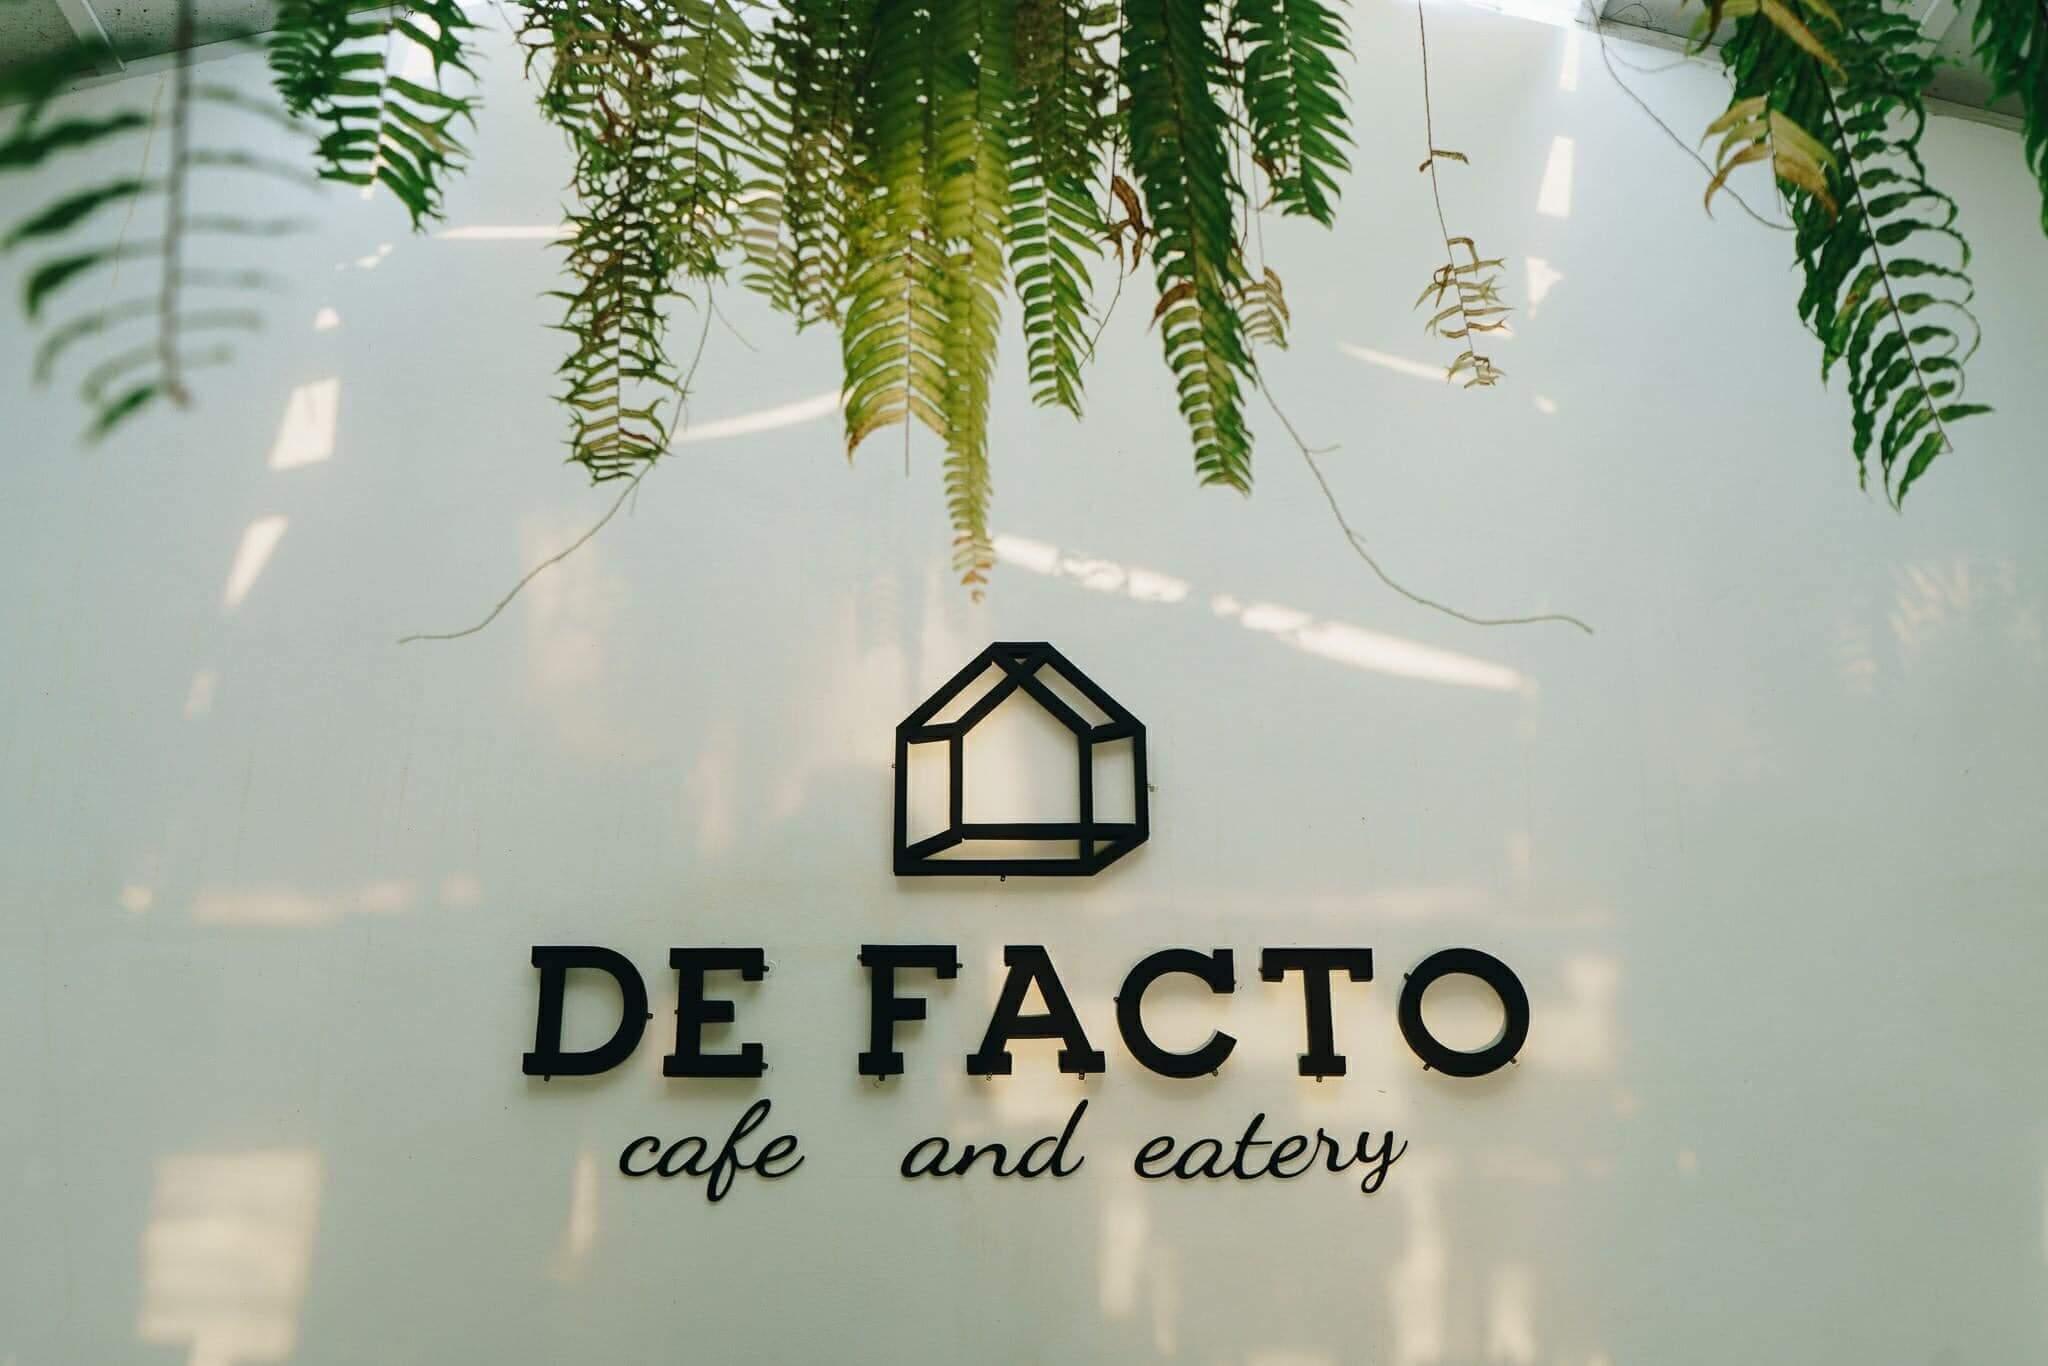 De factor cafe eatery ปทุมธานี